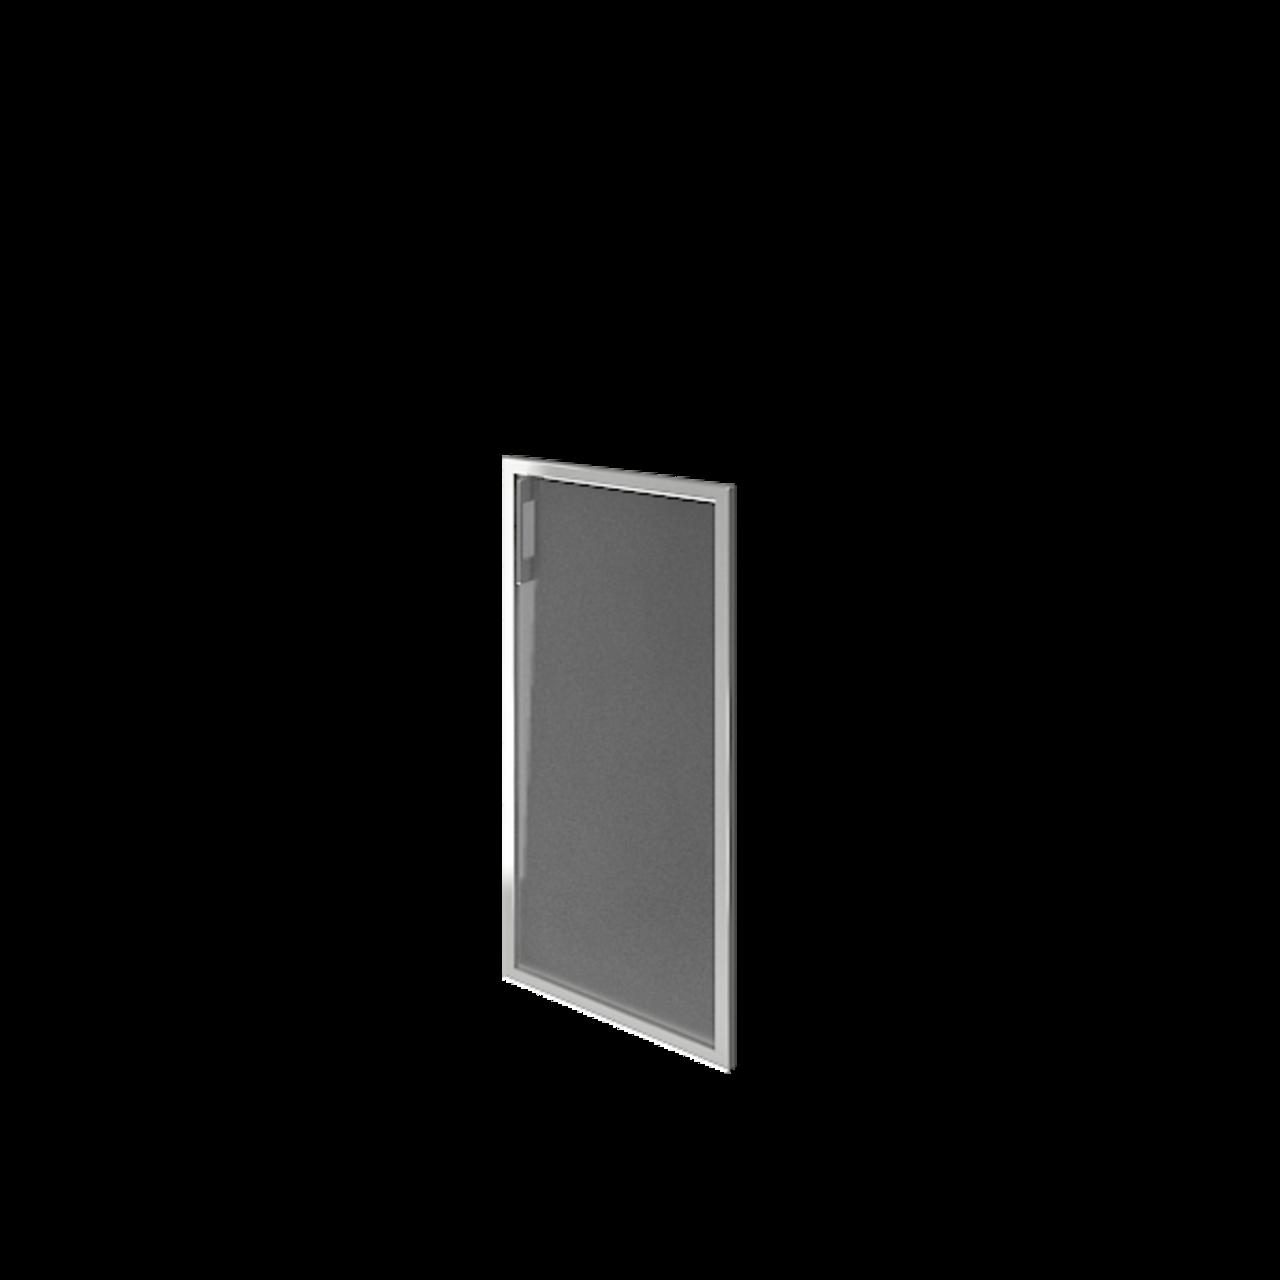 Дверь стекло в раме низкое правая - фото 2